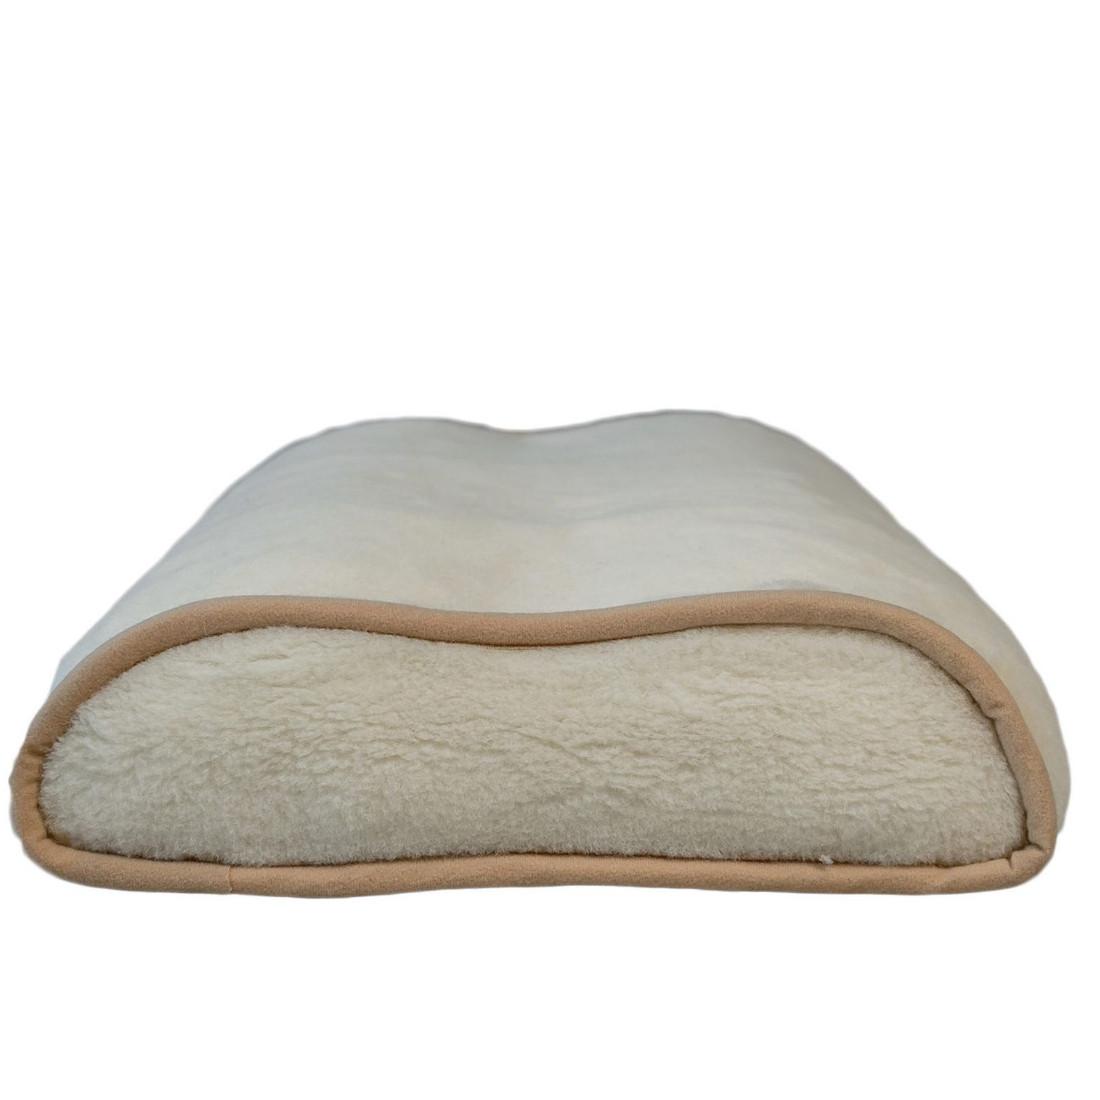 Подушка ортопедическая с шерсти мериносов. Гарантия 60 месяцев